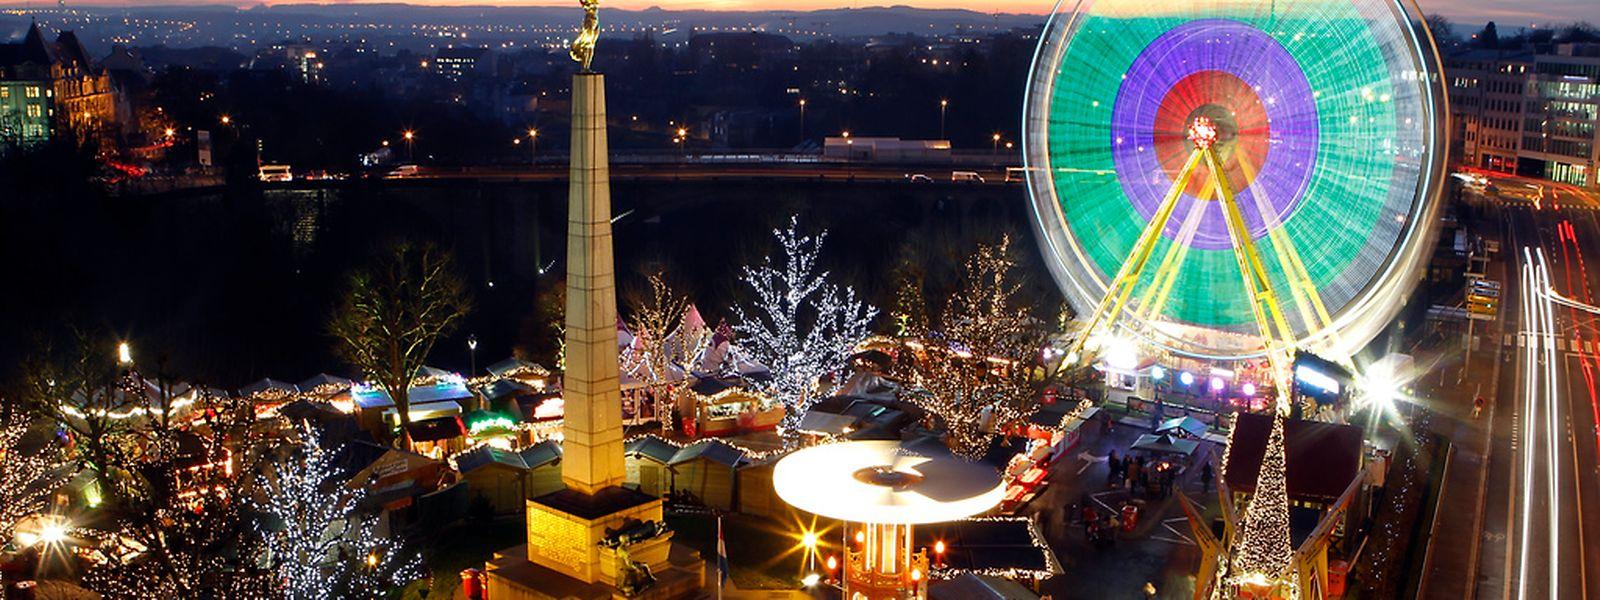 Zu Füßen der Gëlle Fra befindet sich der größte Weihnachtsmarkt der Hauptstadt. Rund 80 Chalets und Fahrgeschäfte können über 2500 Besucher empfangen.